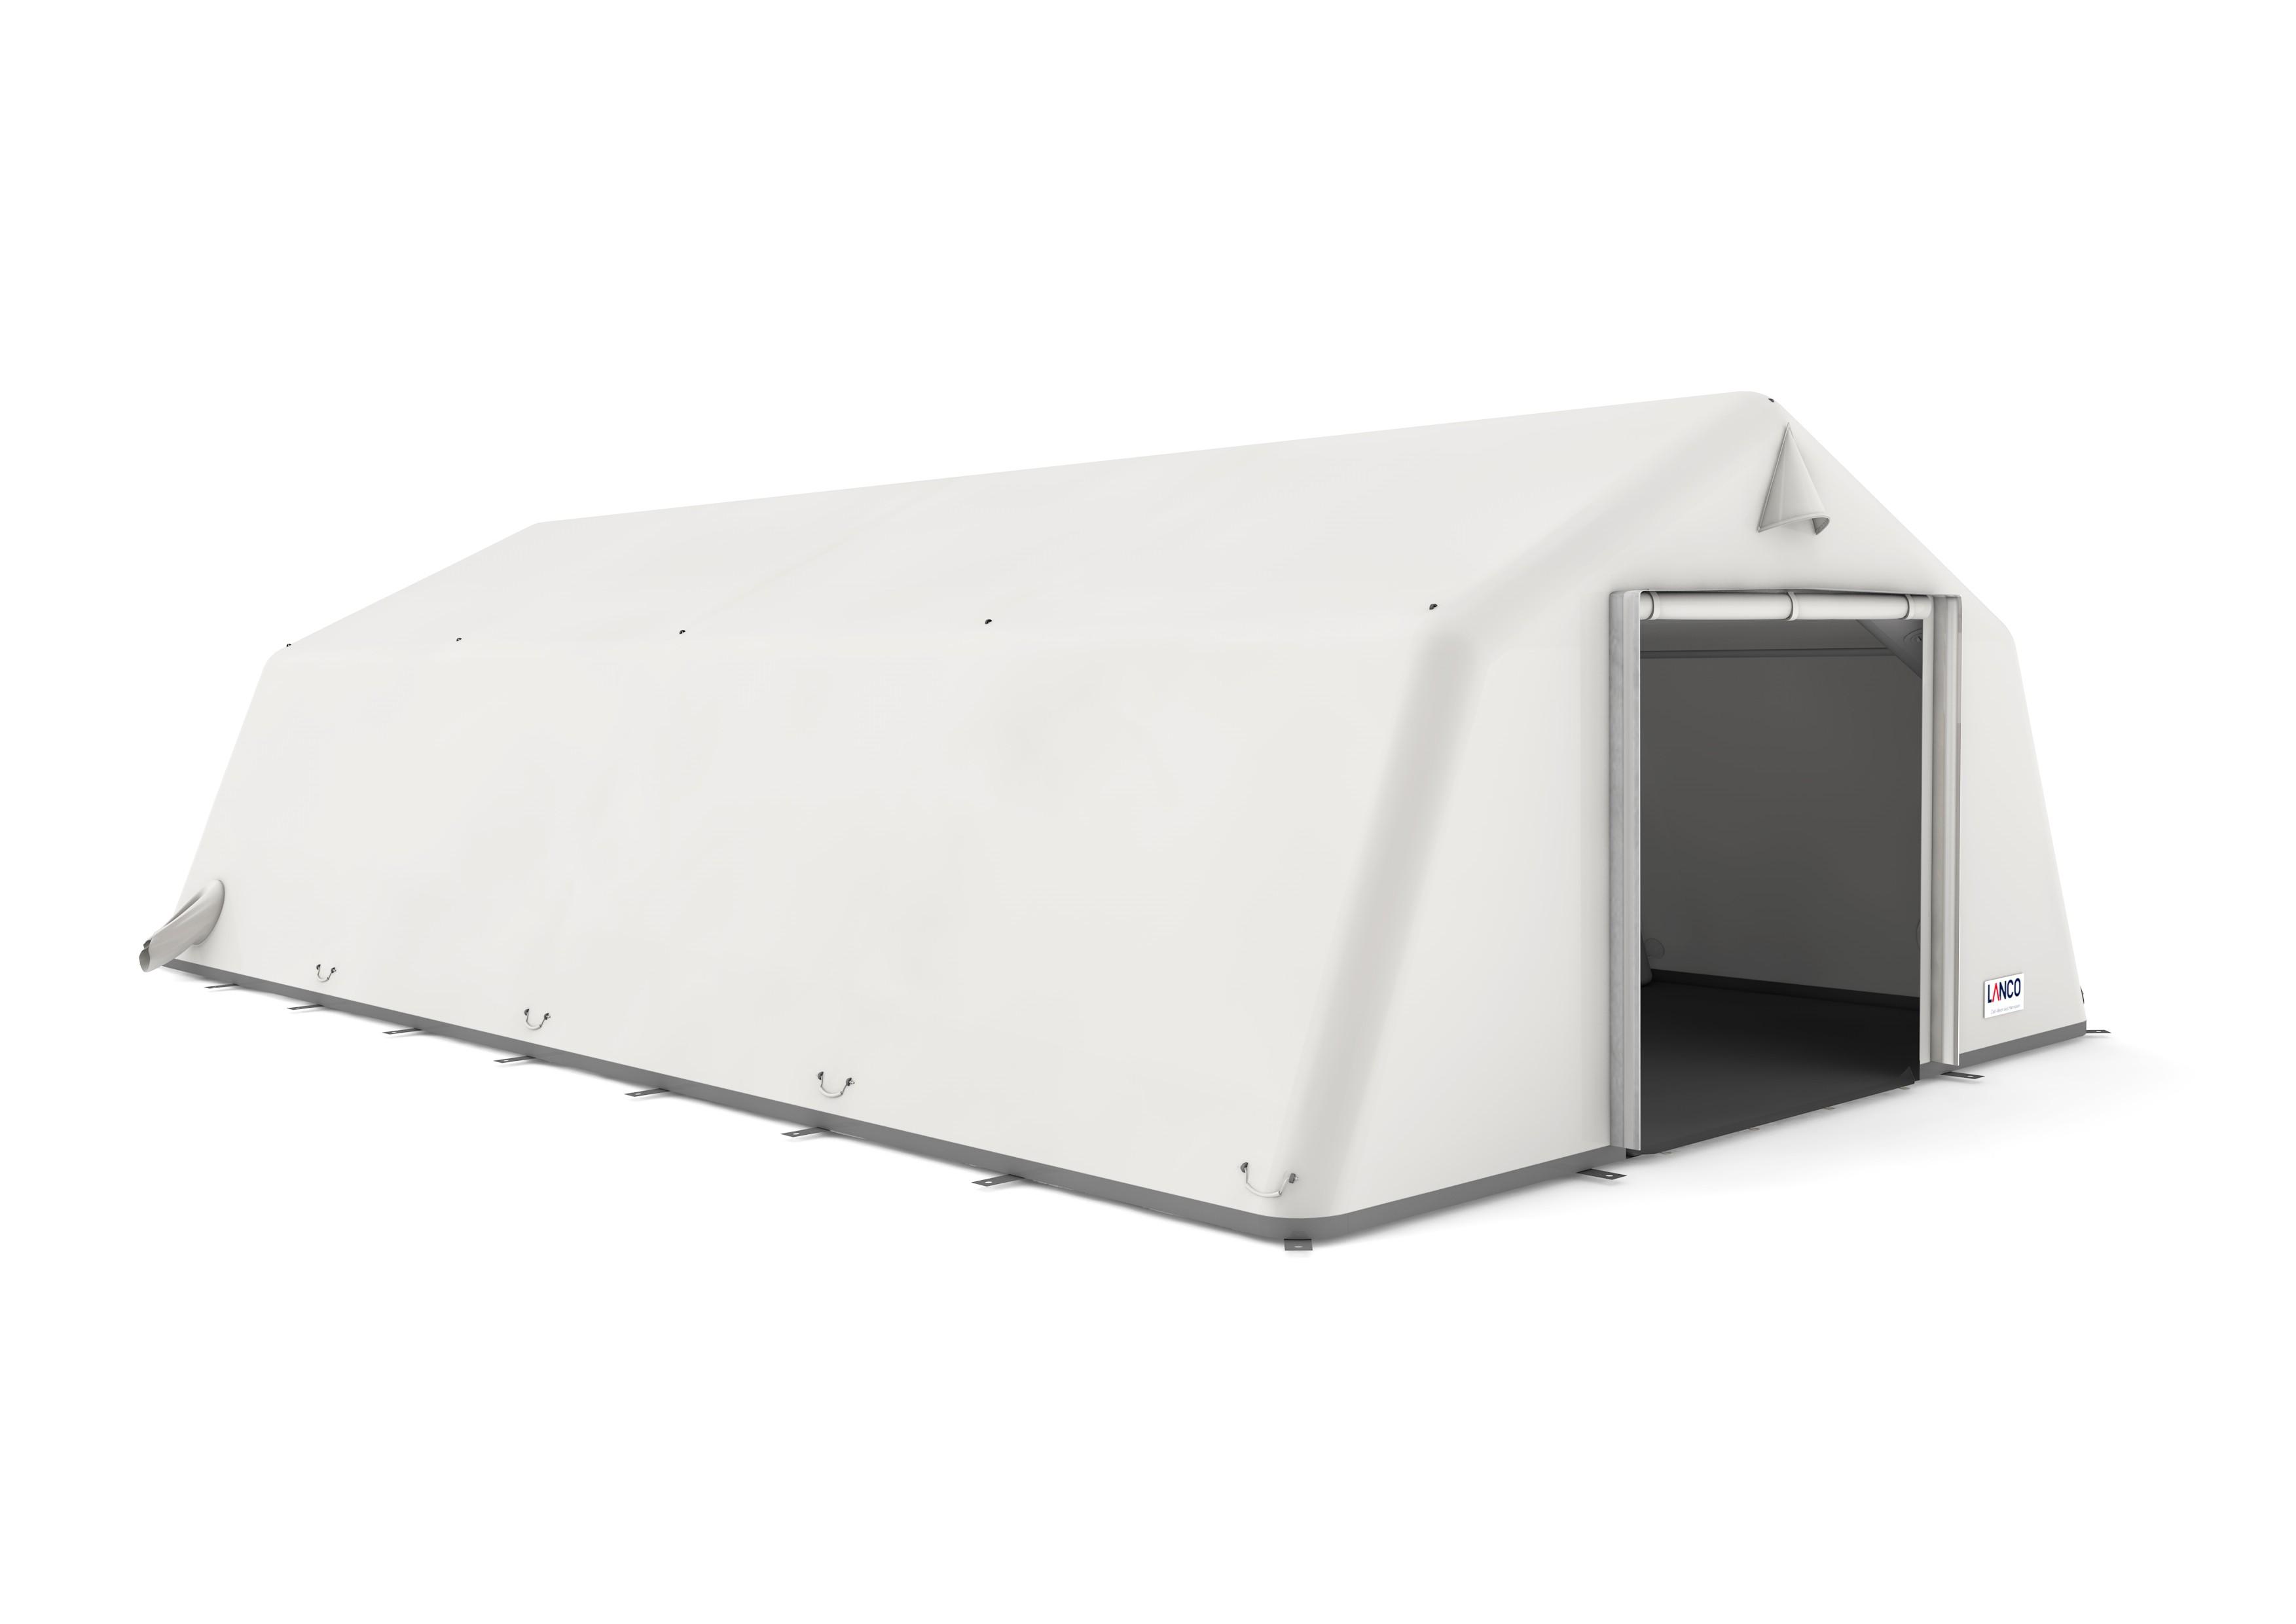 Arz 60h lanco zelte for Fenster 60x40